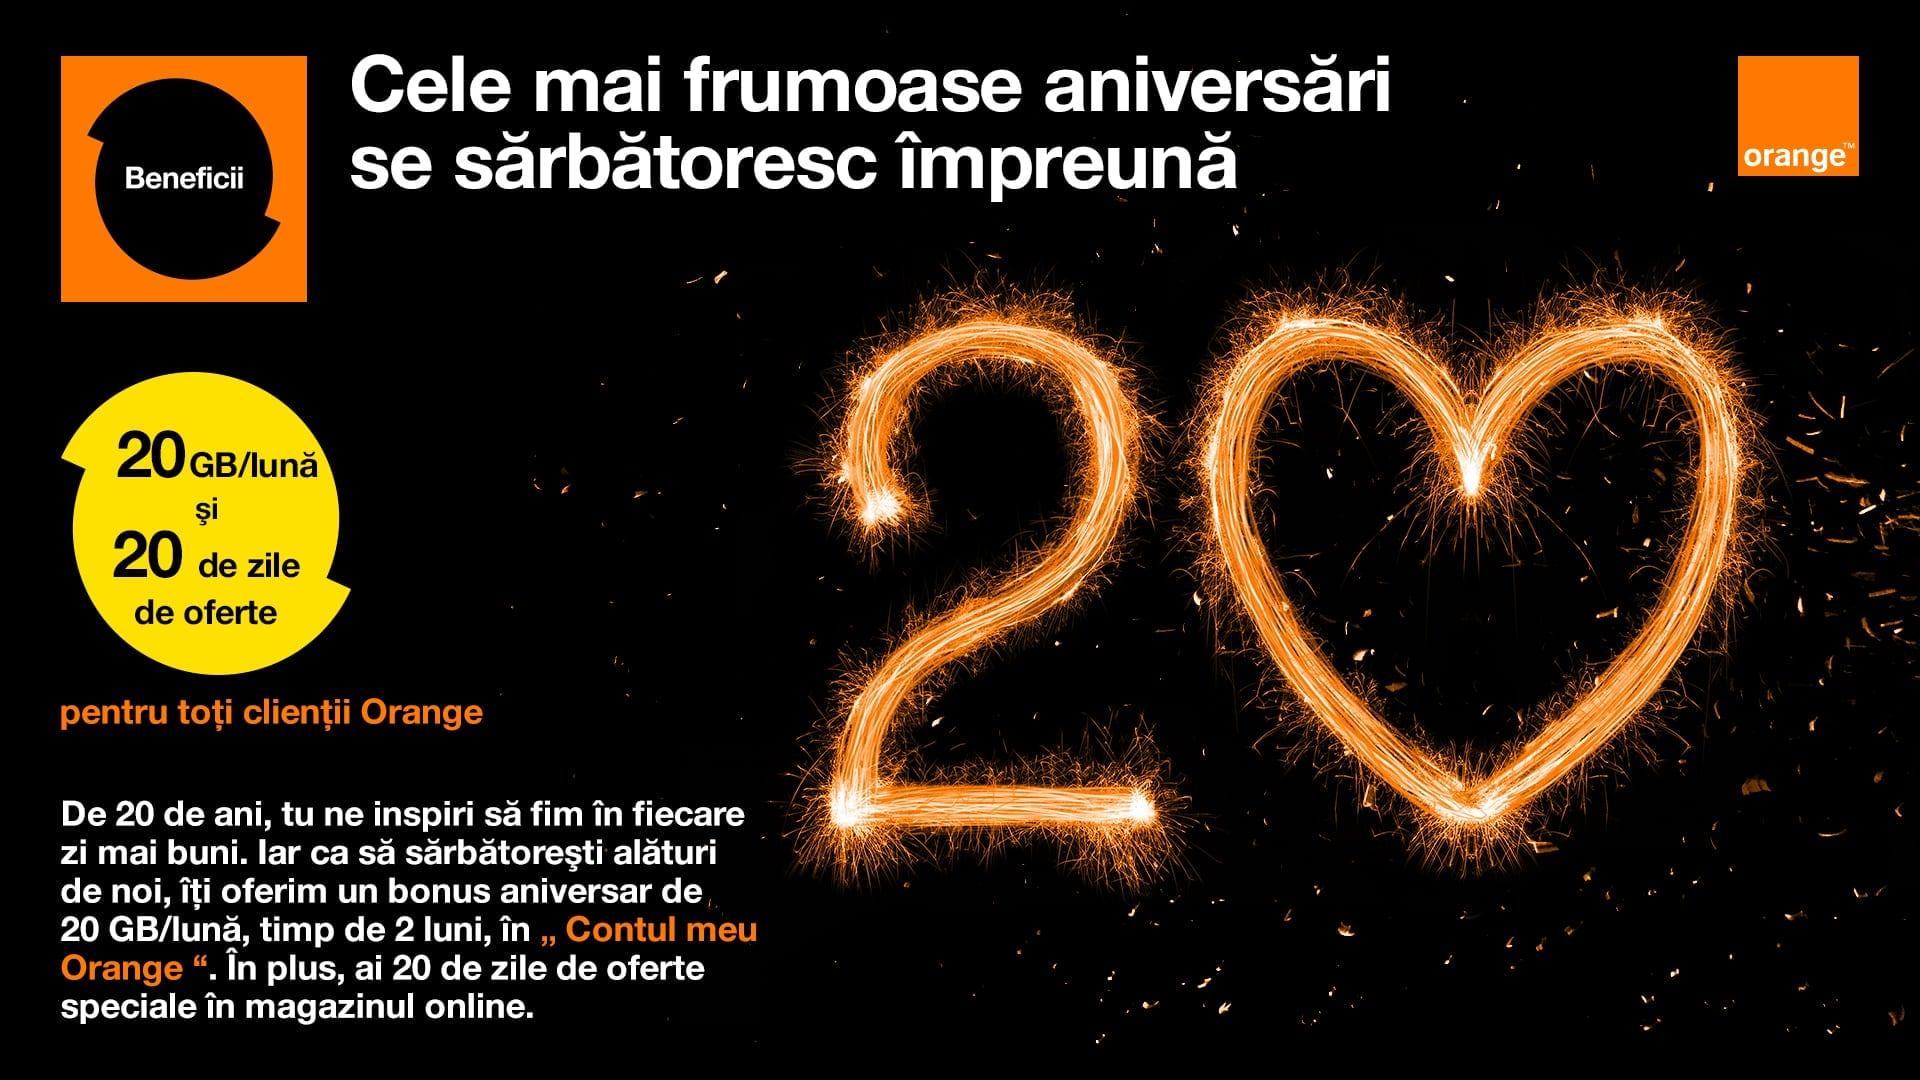 Orange sărbătorește 20 de ani și răsplătește loialitatea utilizatorilor 20 GB/lună, timp de 2 luni